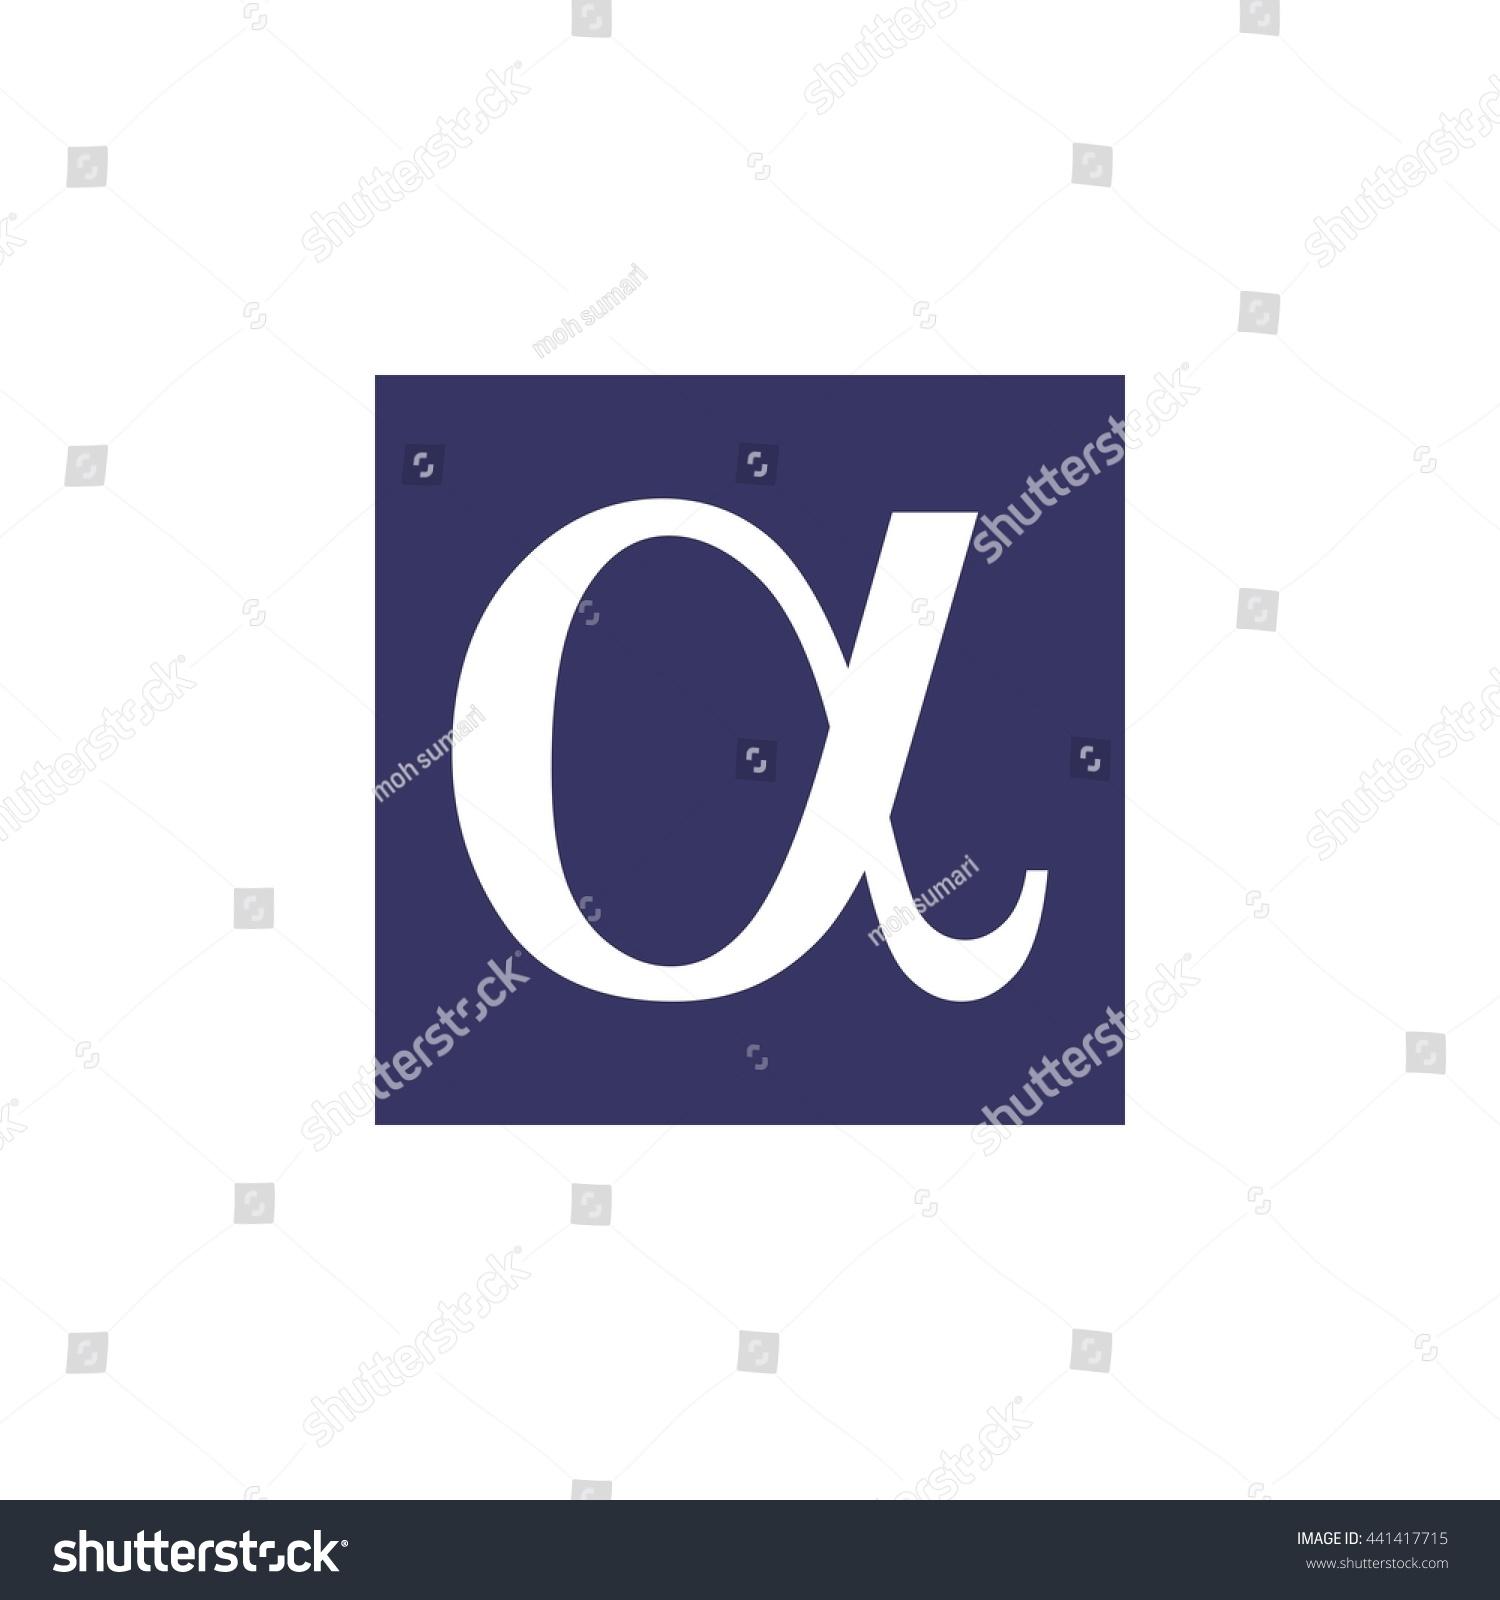 Greek alphabet alpha letter logo stock vector 441417715 shutterstock the greek alphabet alpha letter logo buycottarizona